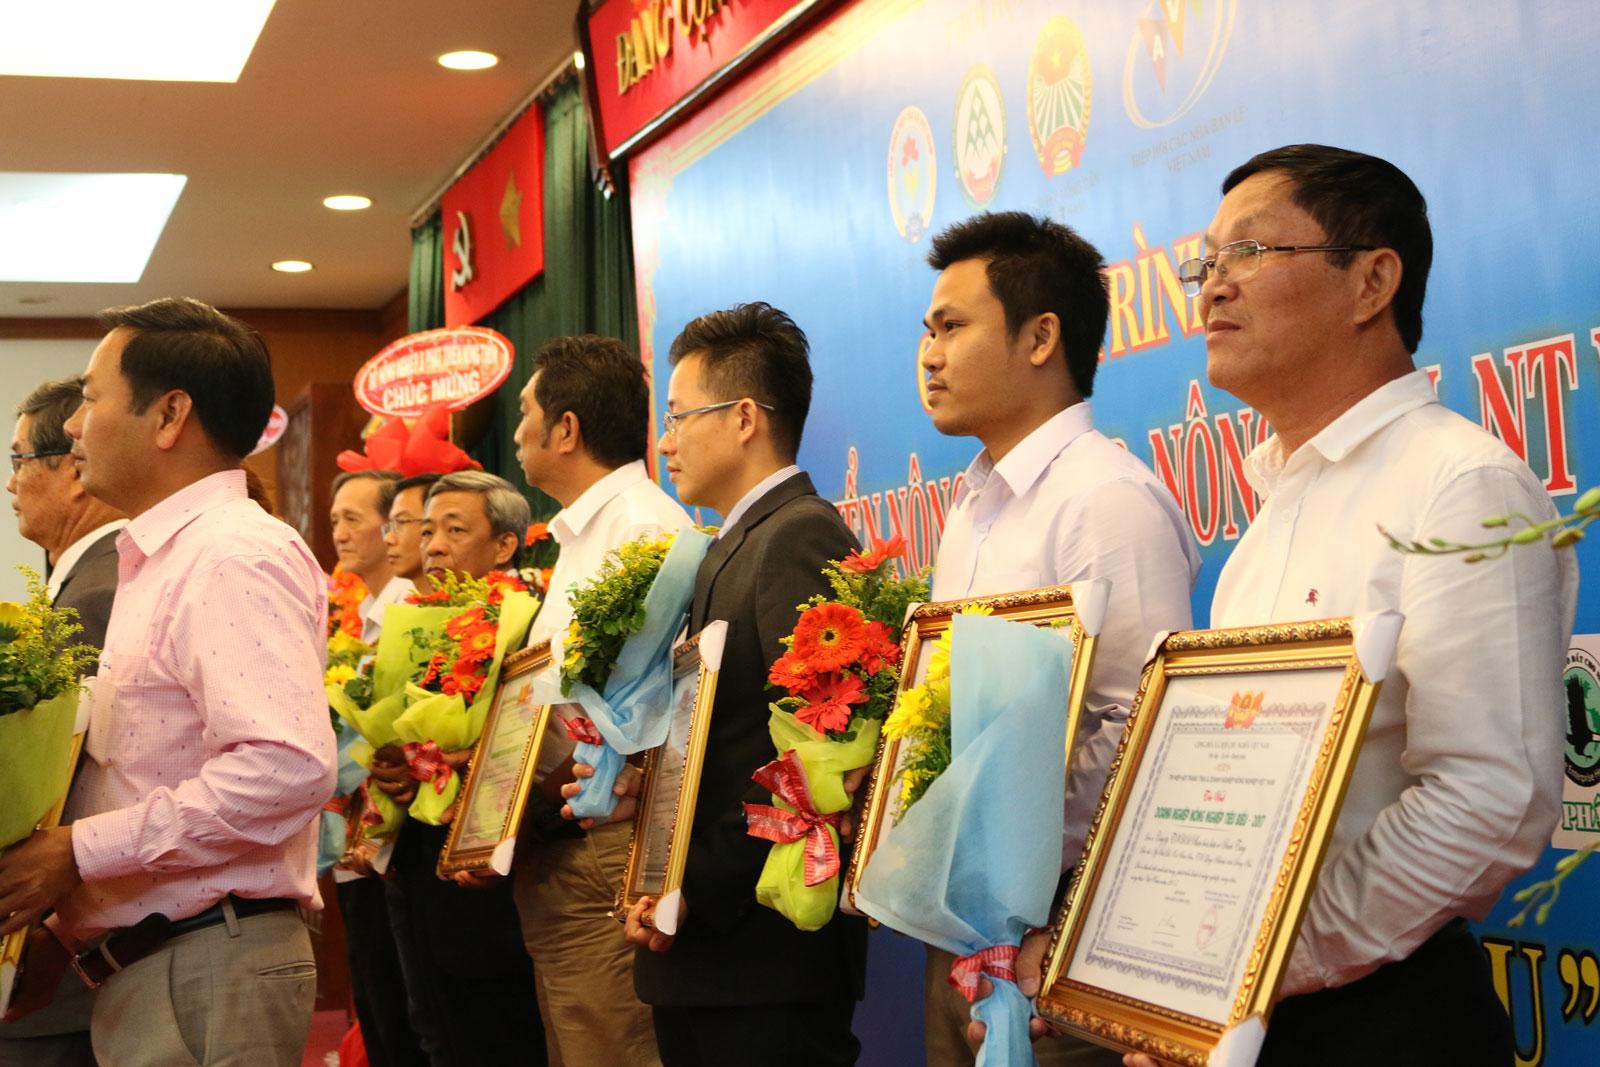 Nhận giải thưởng 20 doanh nghiệp xuất sắc cống hiến cho nền nông nghiệp nước nhà